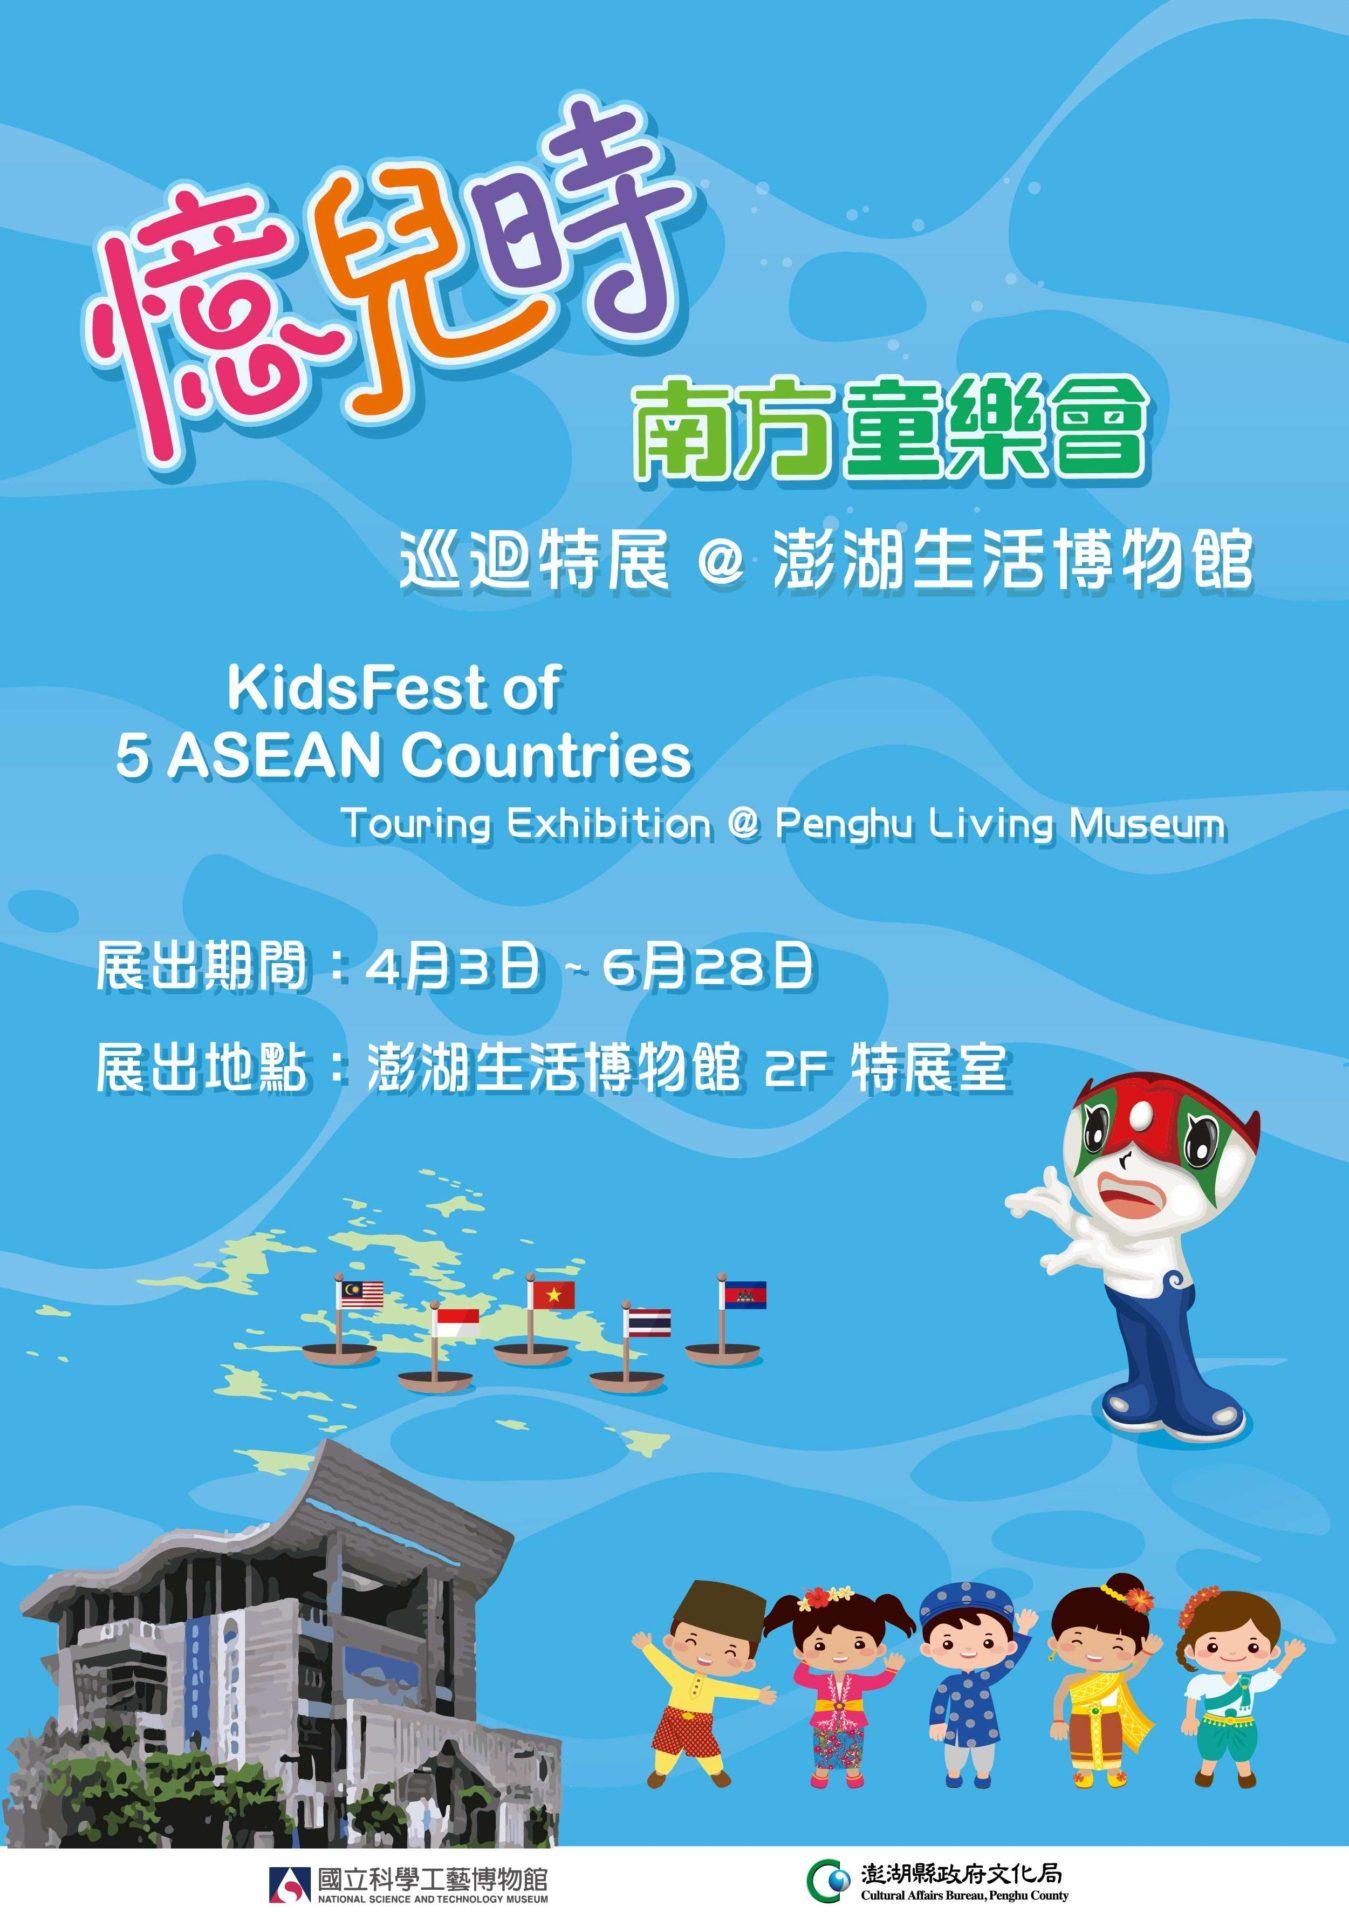 澎湖生活博物館:2020/04/03-2020/06/28【憶兒時:南方童樂會】